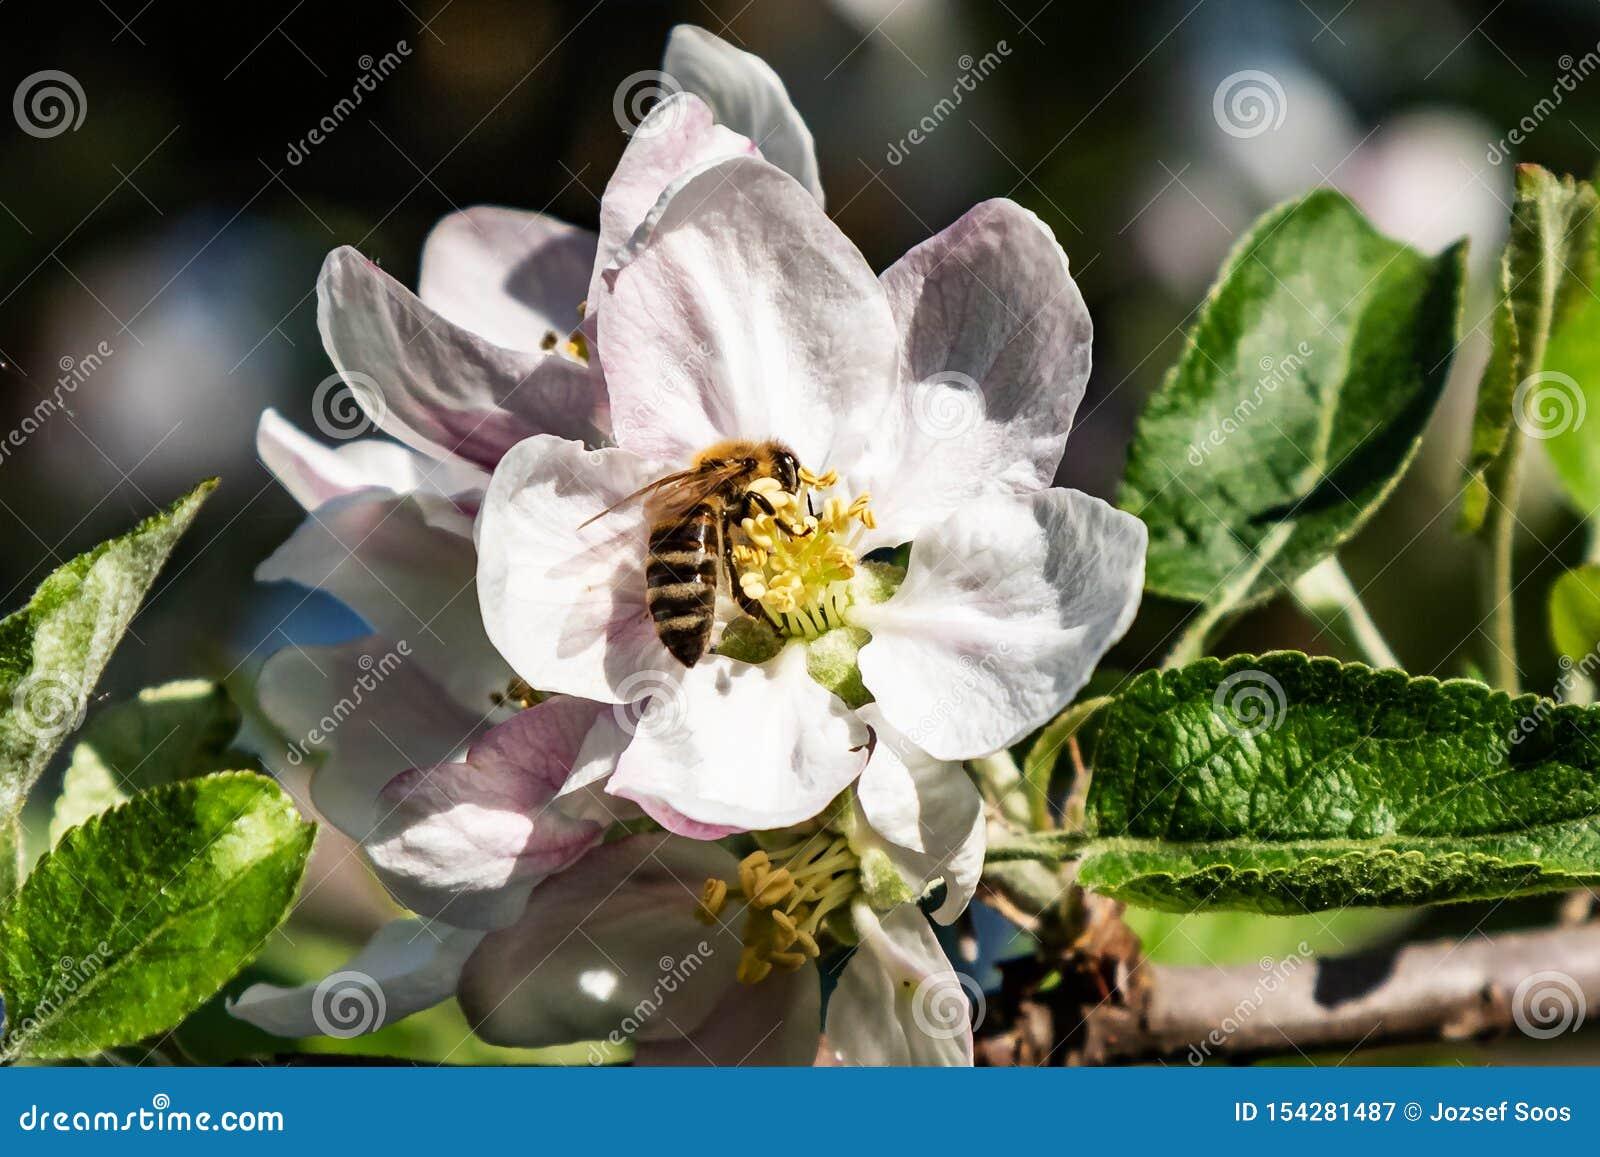 Δυτική μέλισσα μελιού υψηλή - ποιοτική φωτογραφία στα καλά φω τα